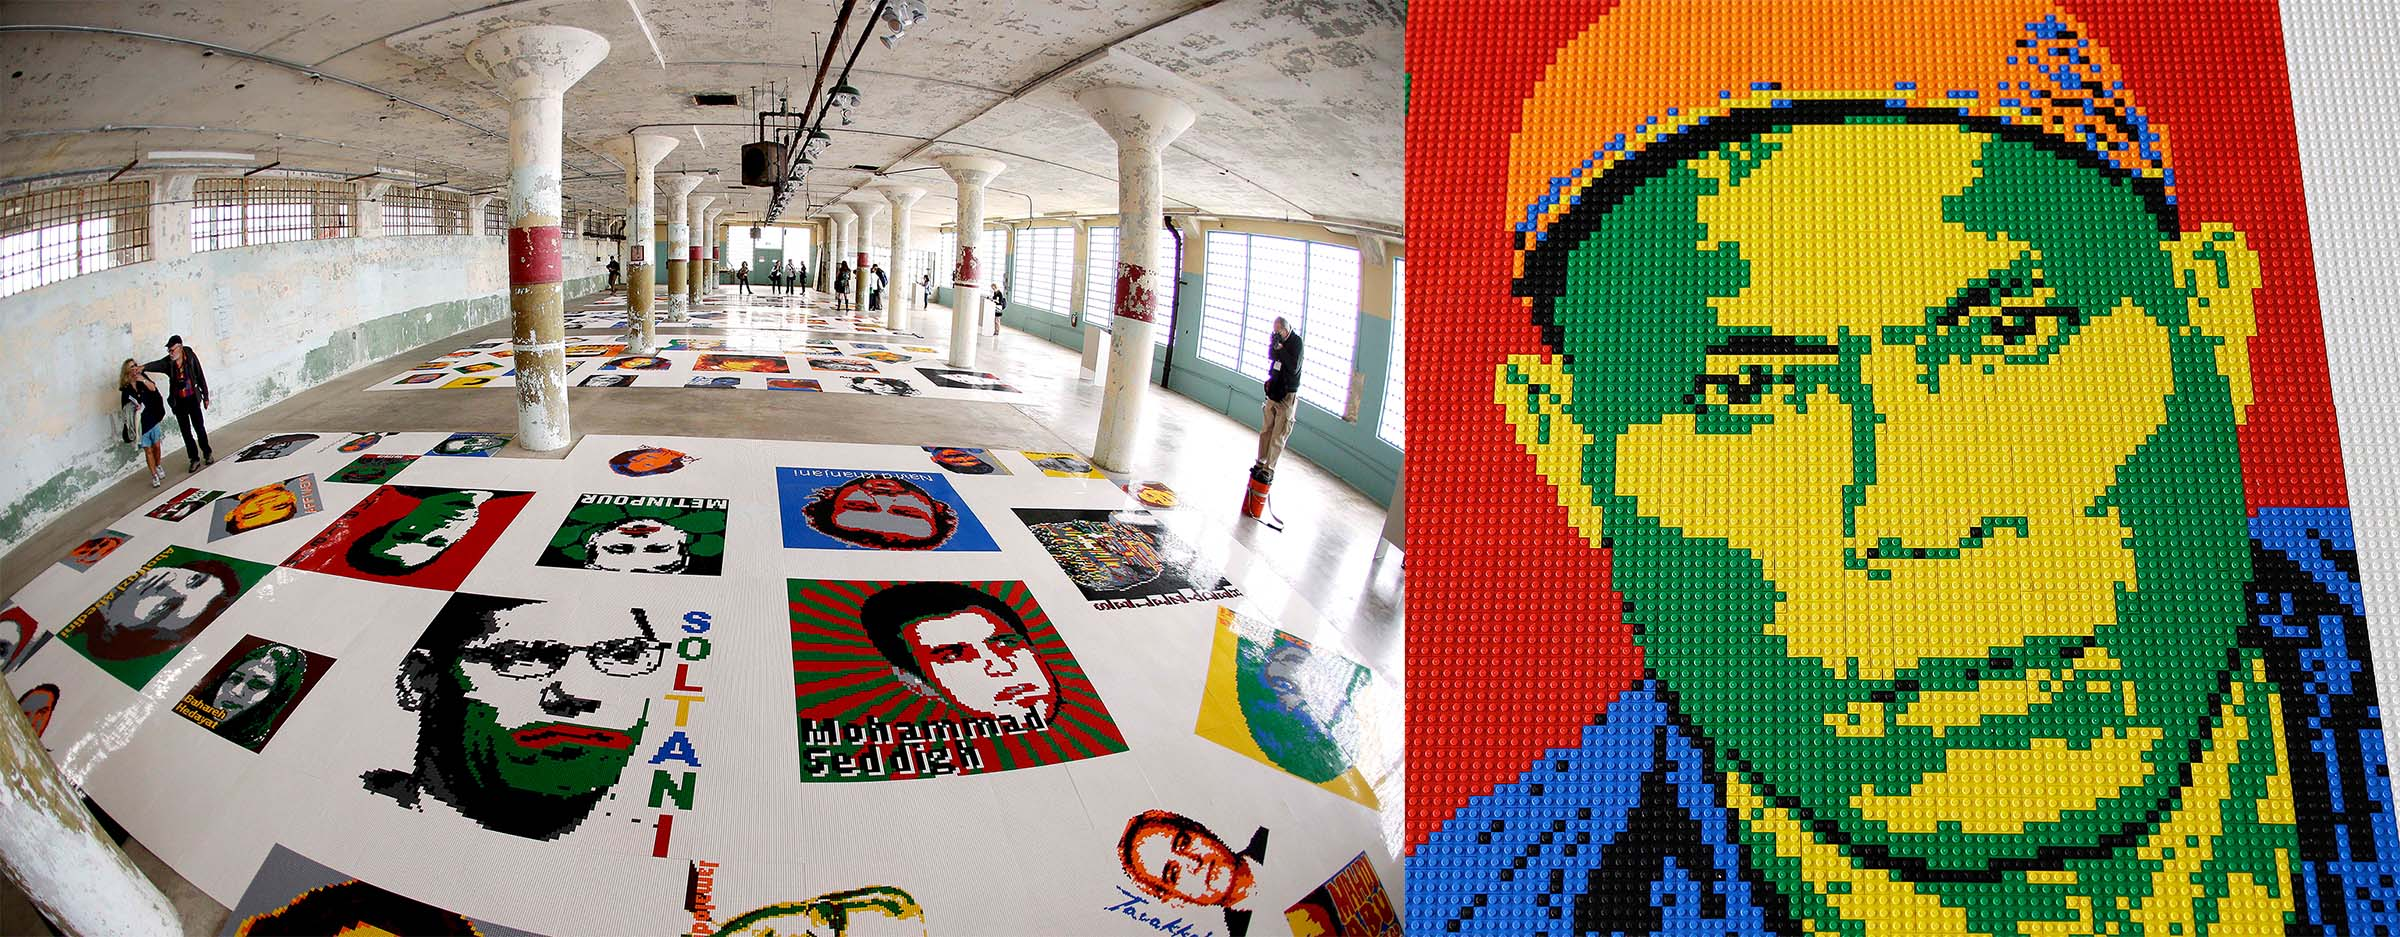 Проект с Lego Ай Вэй Вэй организовывал в тюрьме Алькатрас